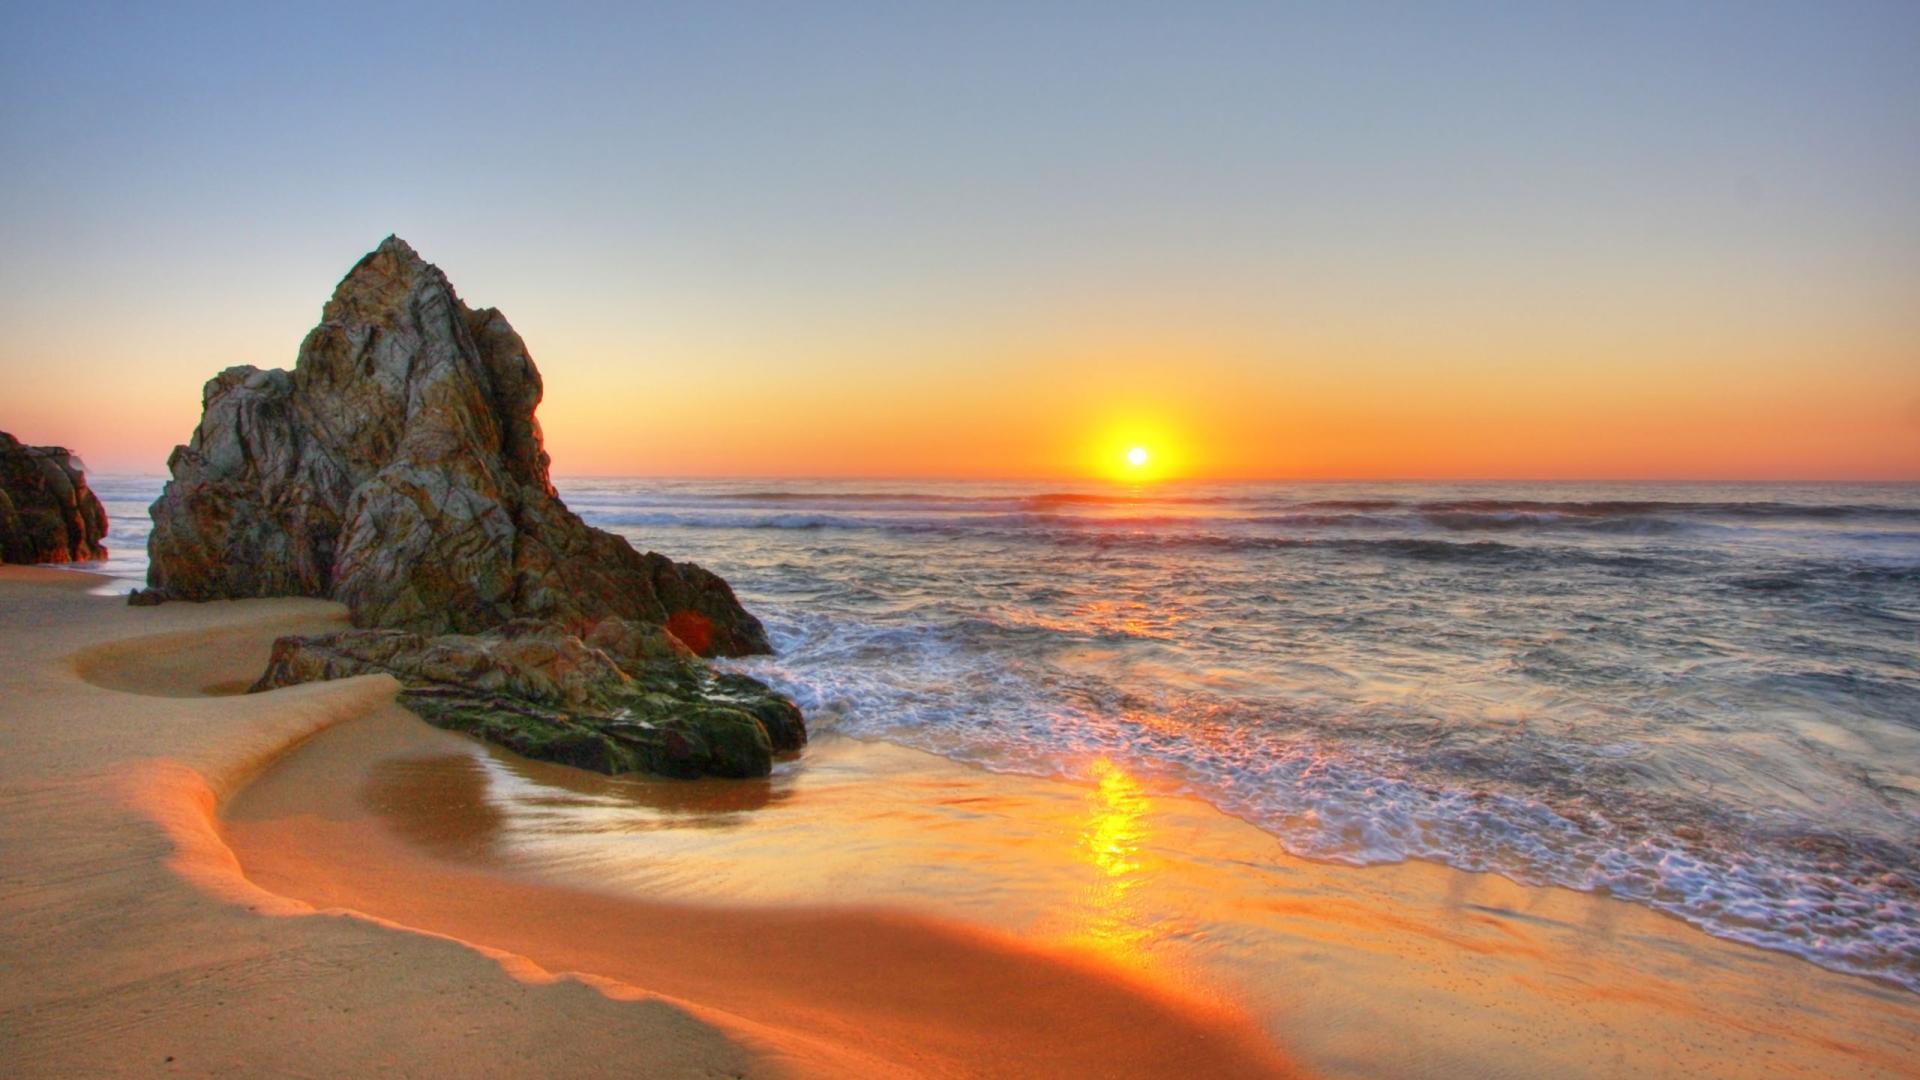 Laguna Beach Wallpaper Sunset 23768 Wallpaper Wallpaper hd 1920x1080